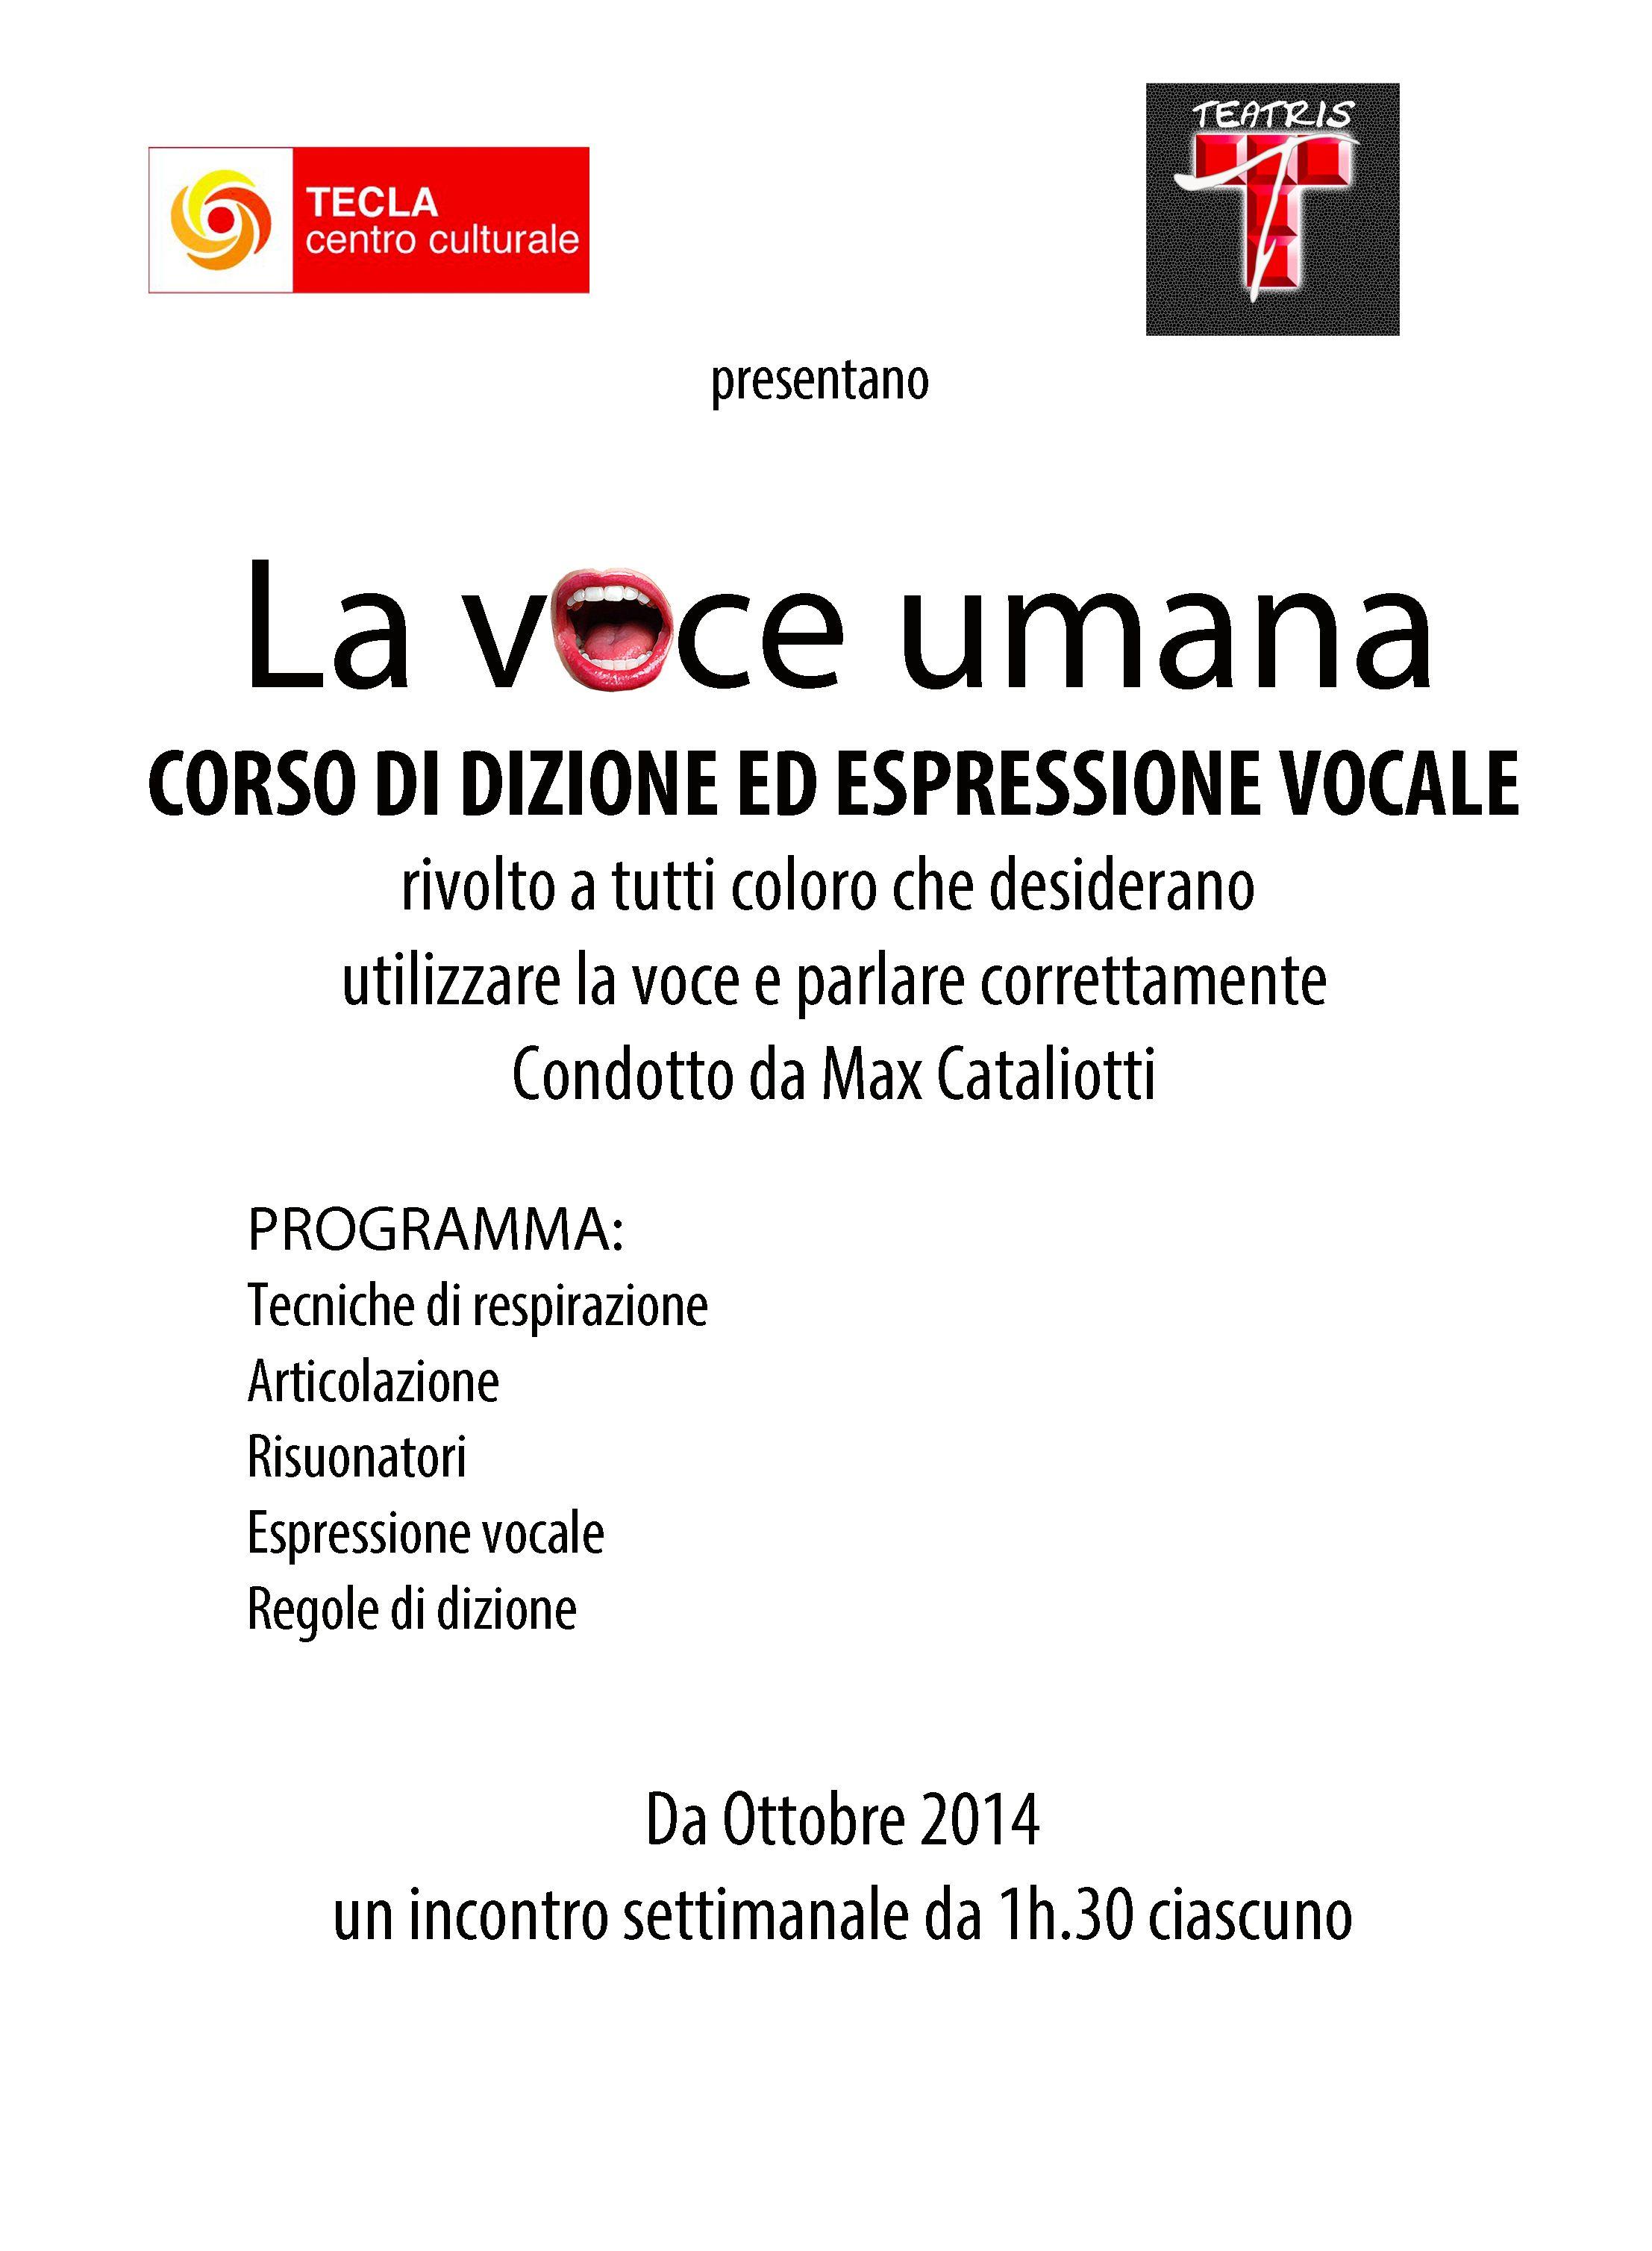 """""""La voce umana"""" - Laboratorio di tecnica vocale e dizione - Da ottobre 2014 presso l'Associazione Culturale TECLA a Napoli. Per Info: progettoteatris@gmail.com - Pagina FB: PROGETTO TEATRIS"""